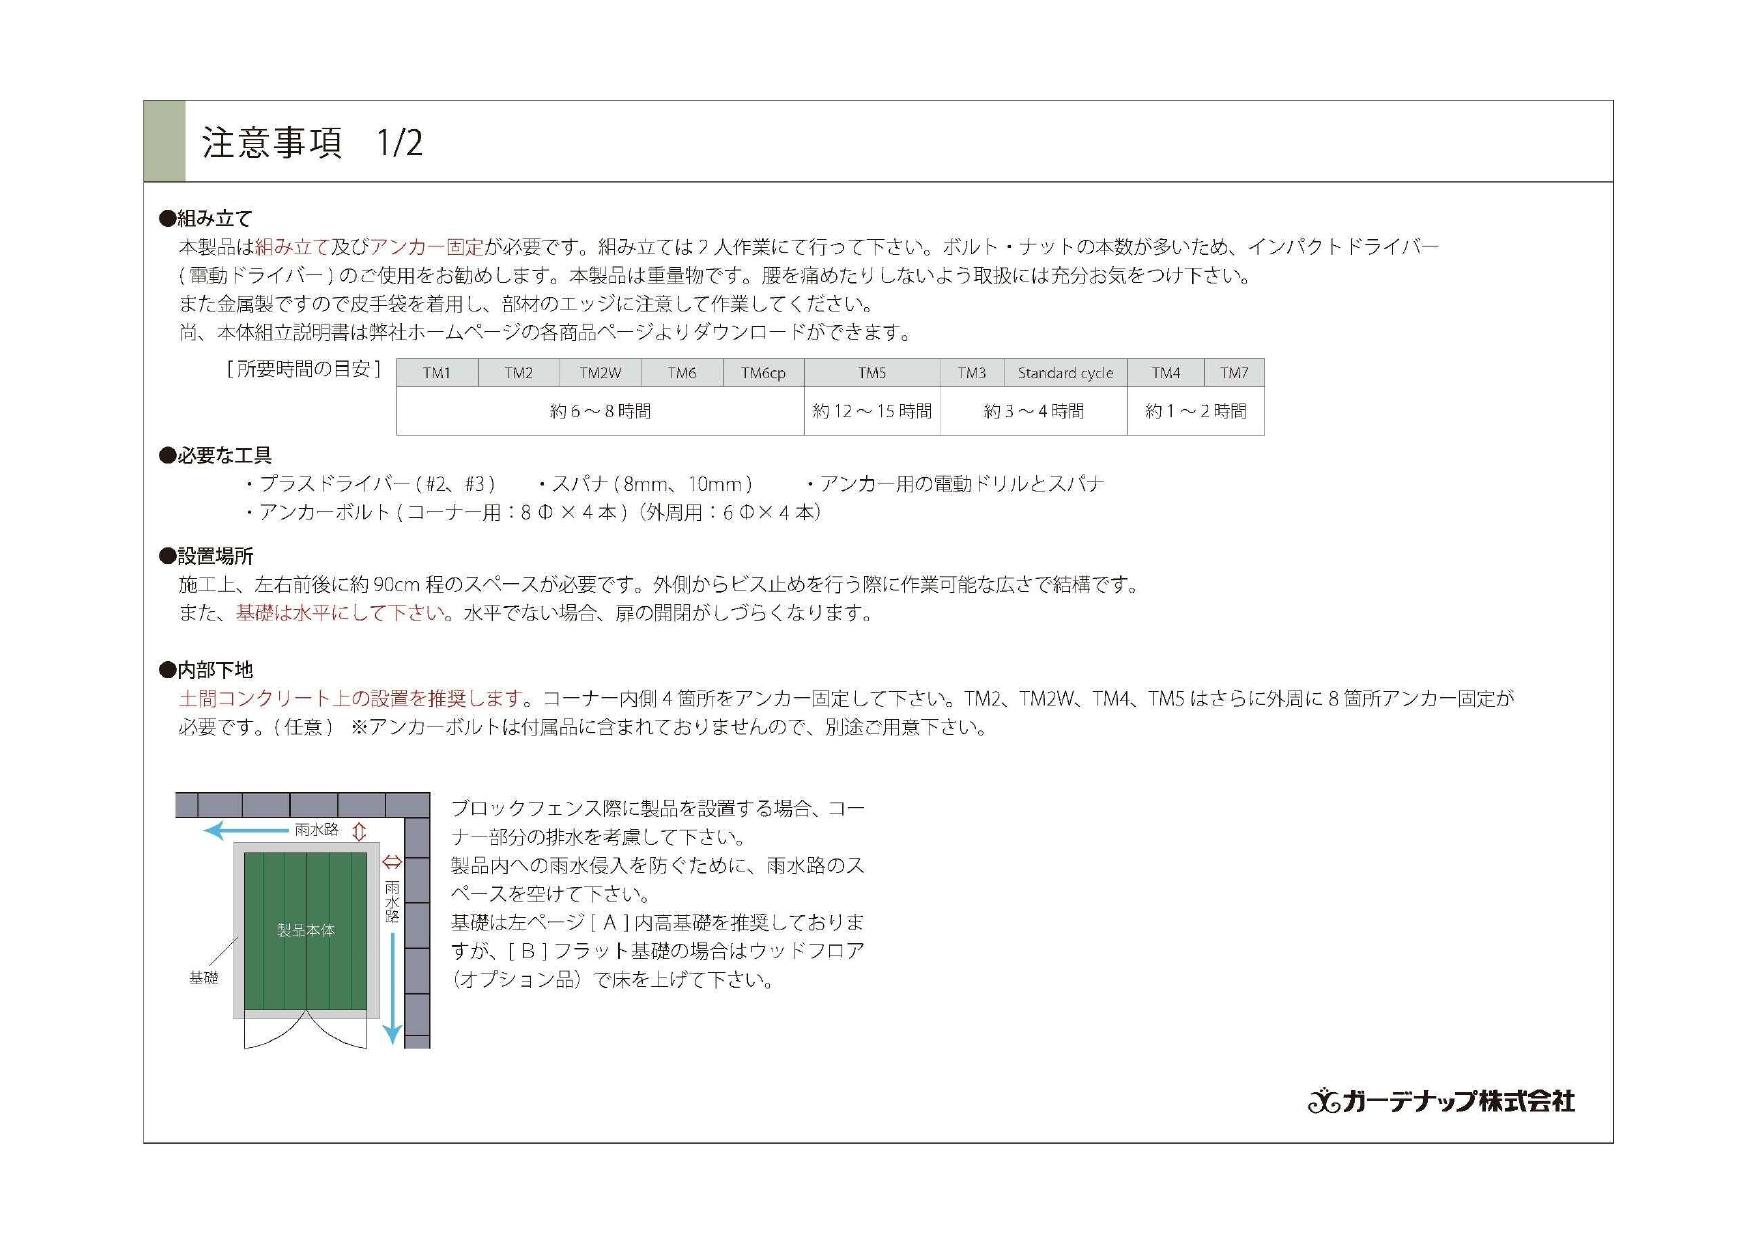 ミニストレージTM4 説明書_page-0014